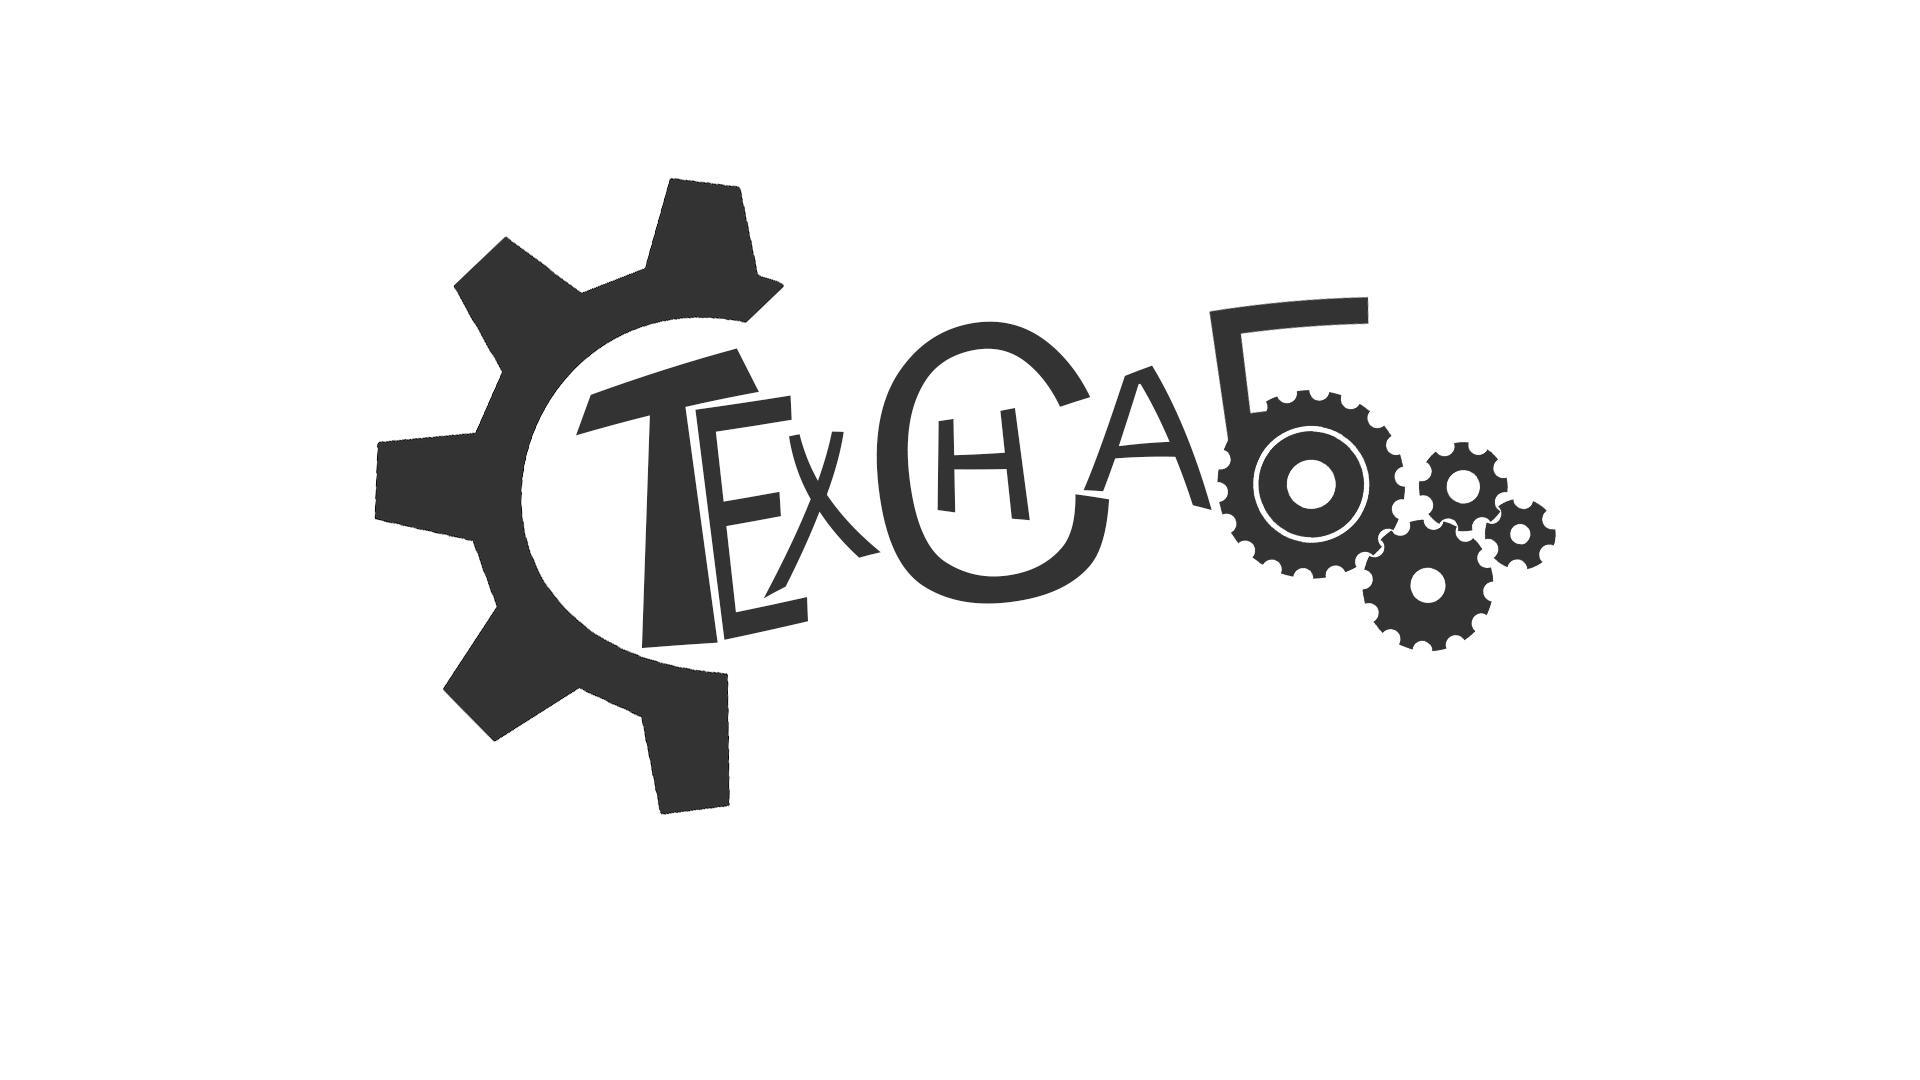 Разработка логотипа и фирм. стиля компании  ТЕХСНАБ фото f_9475b1ed6576114c.jpg